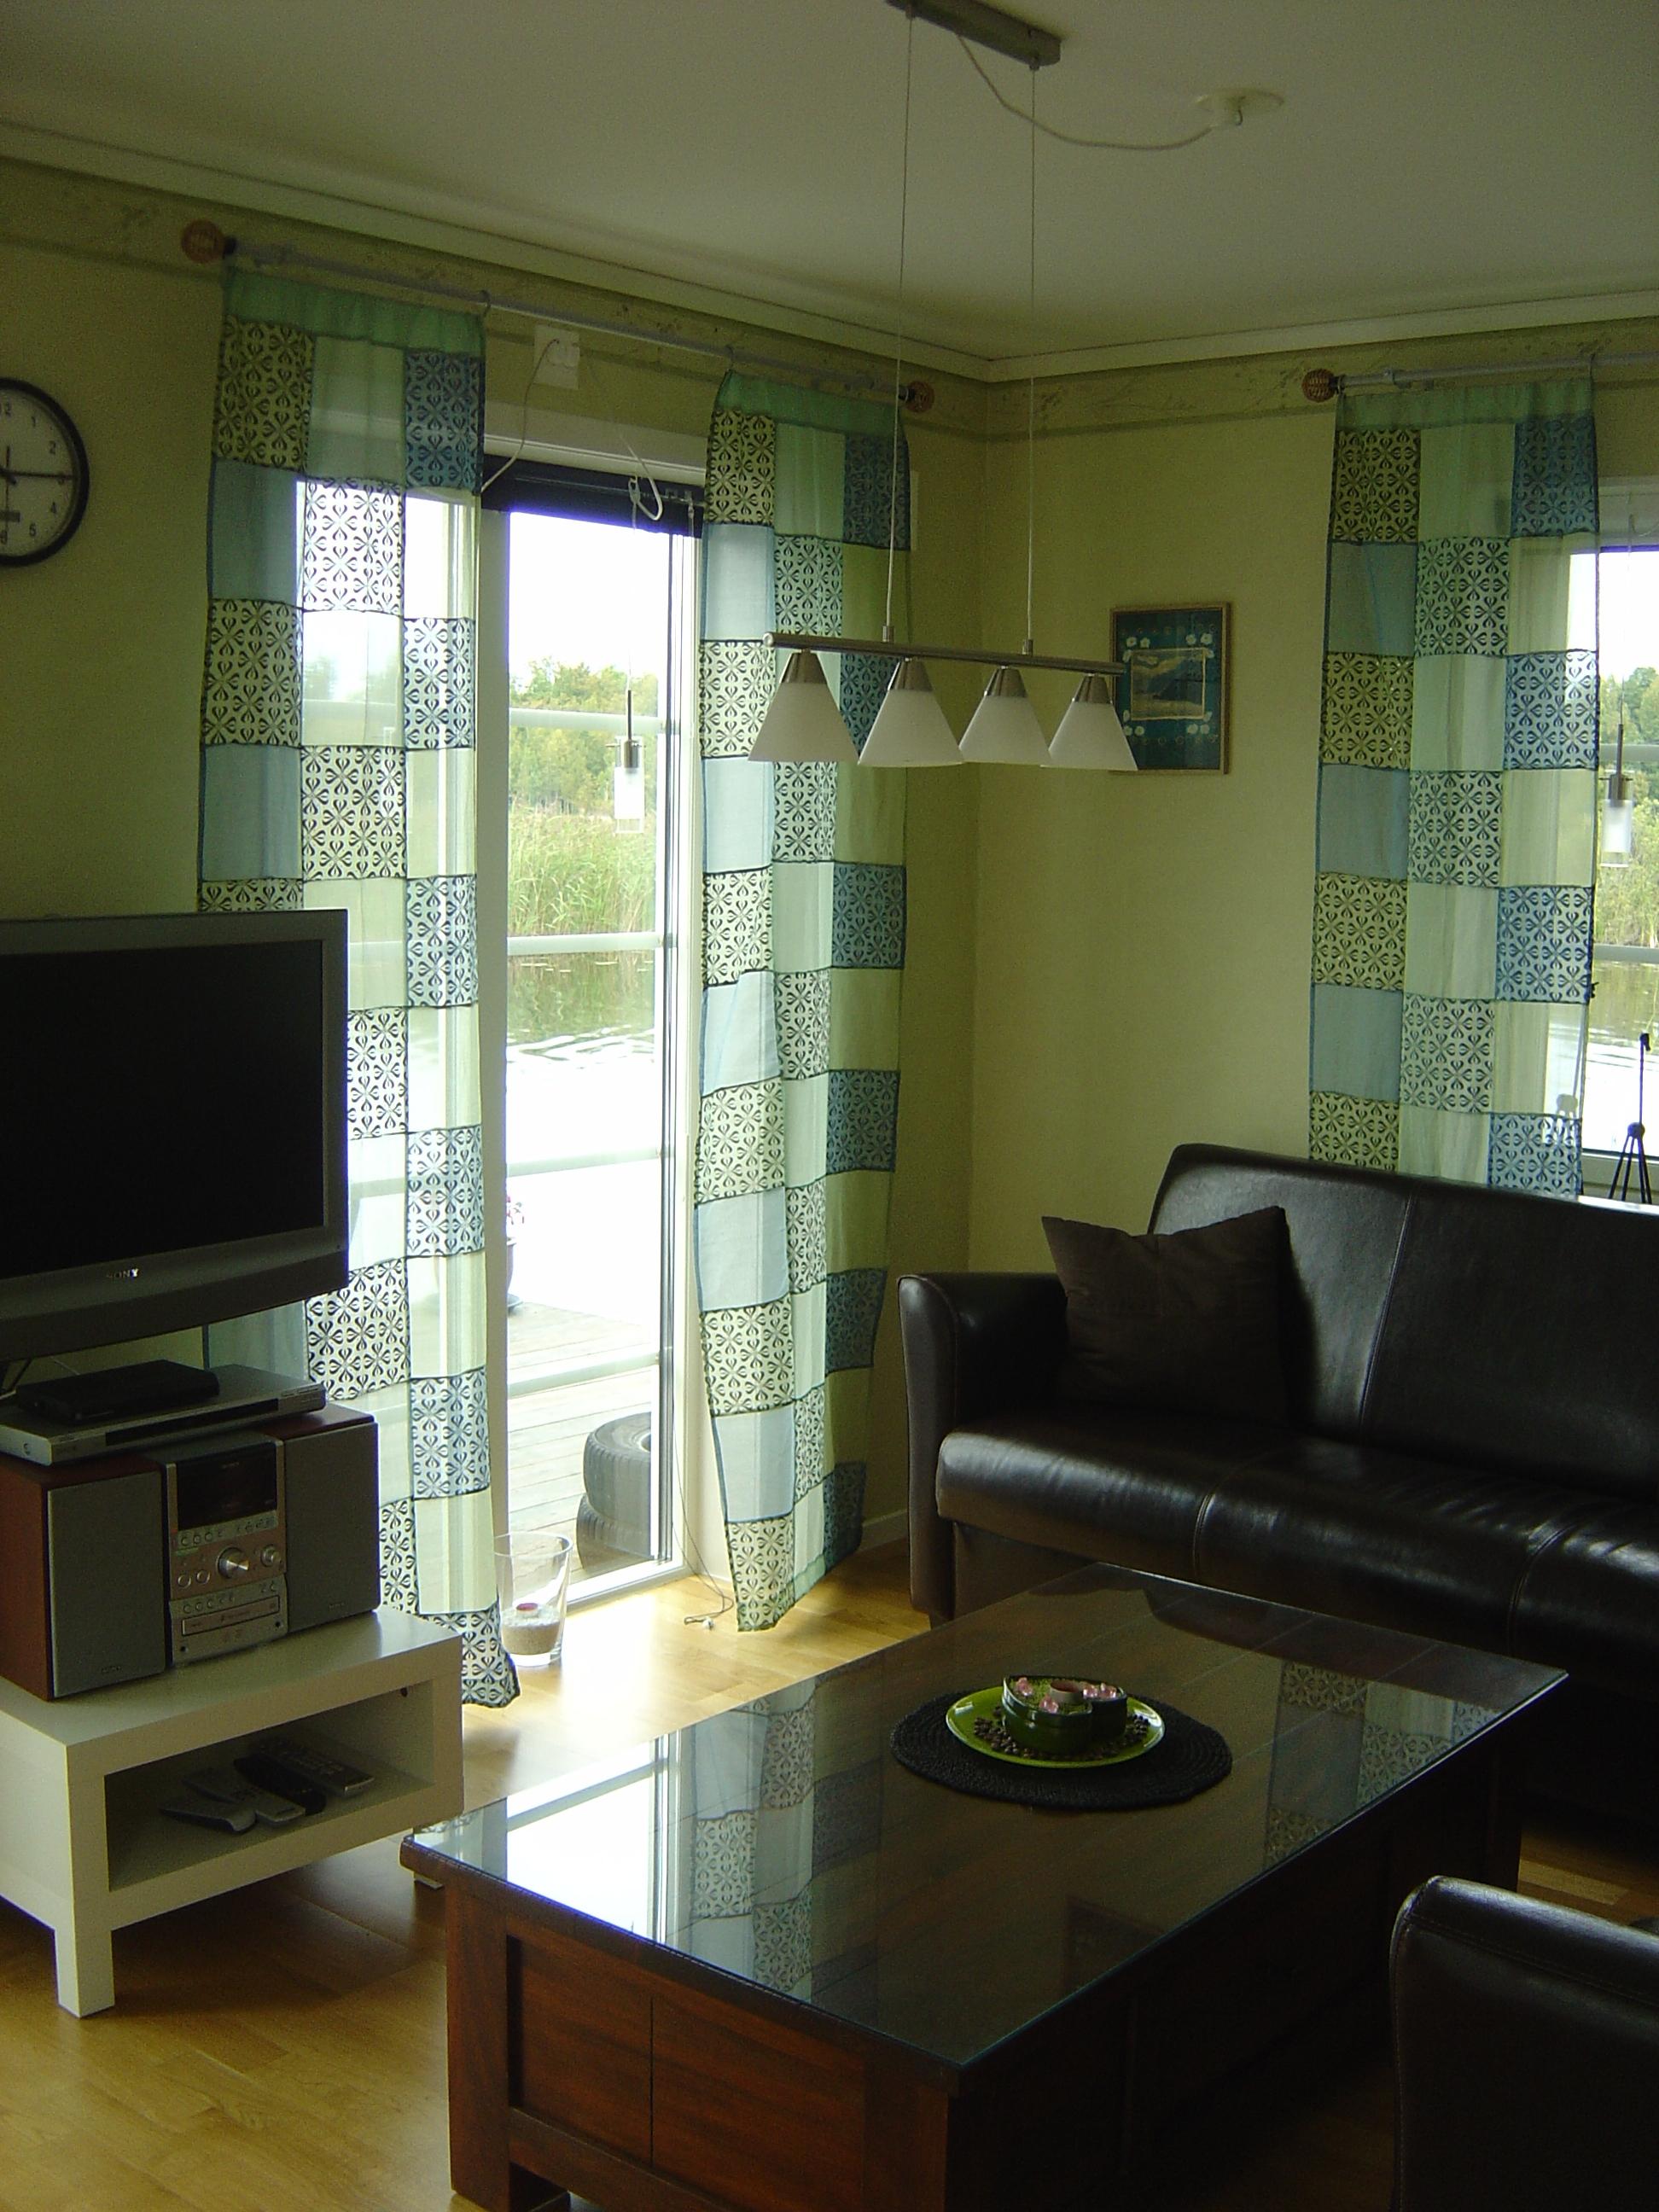 Ferienhaus Idala - Wohnzimmer